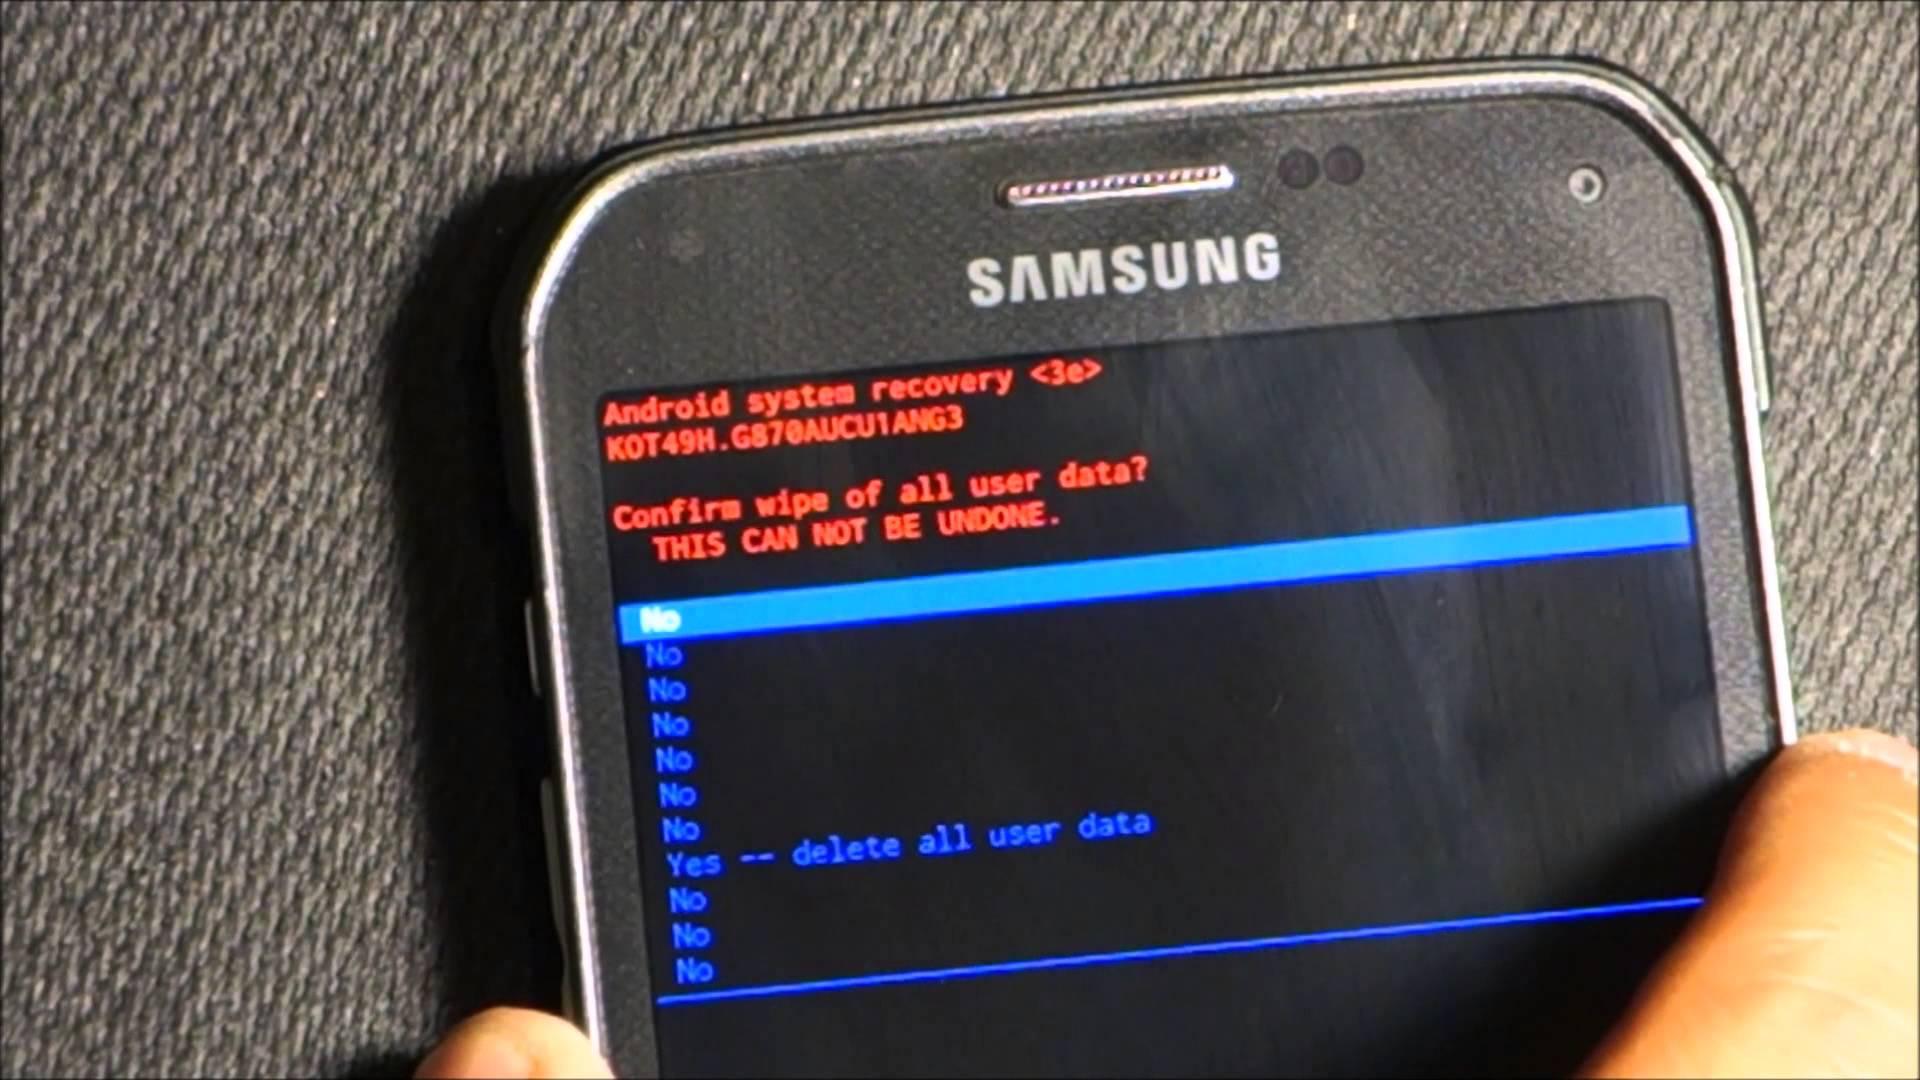 Come accedere alla modalità di recupero su Samsung Galaxy S5? 1